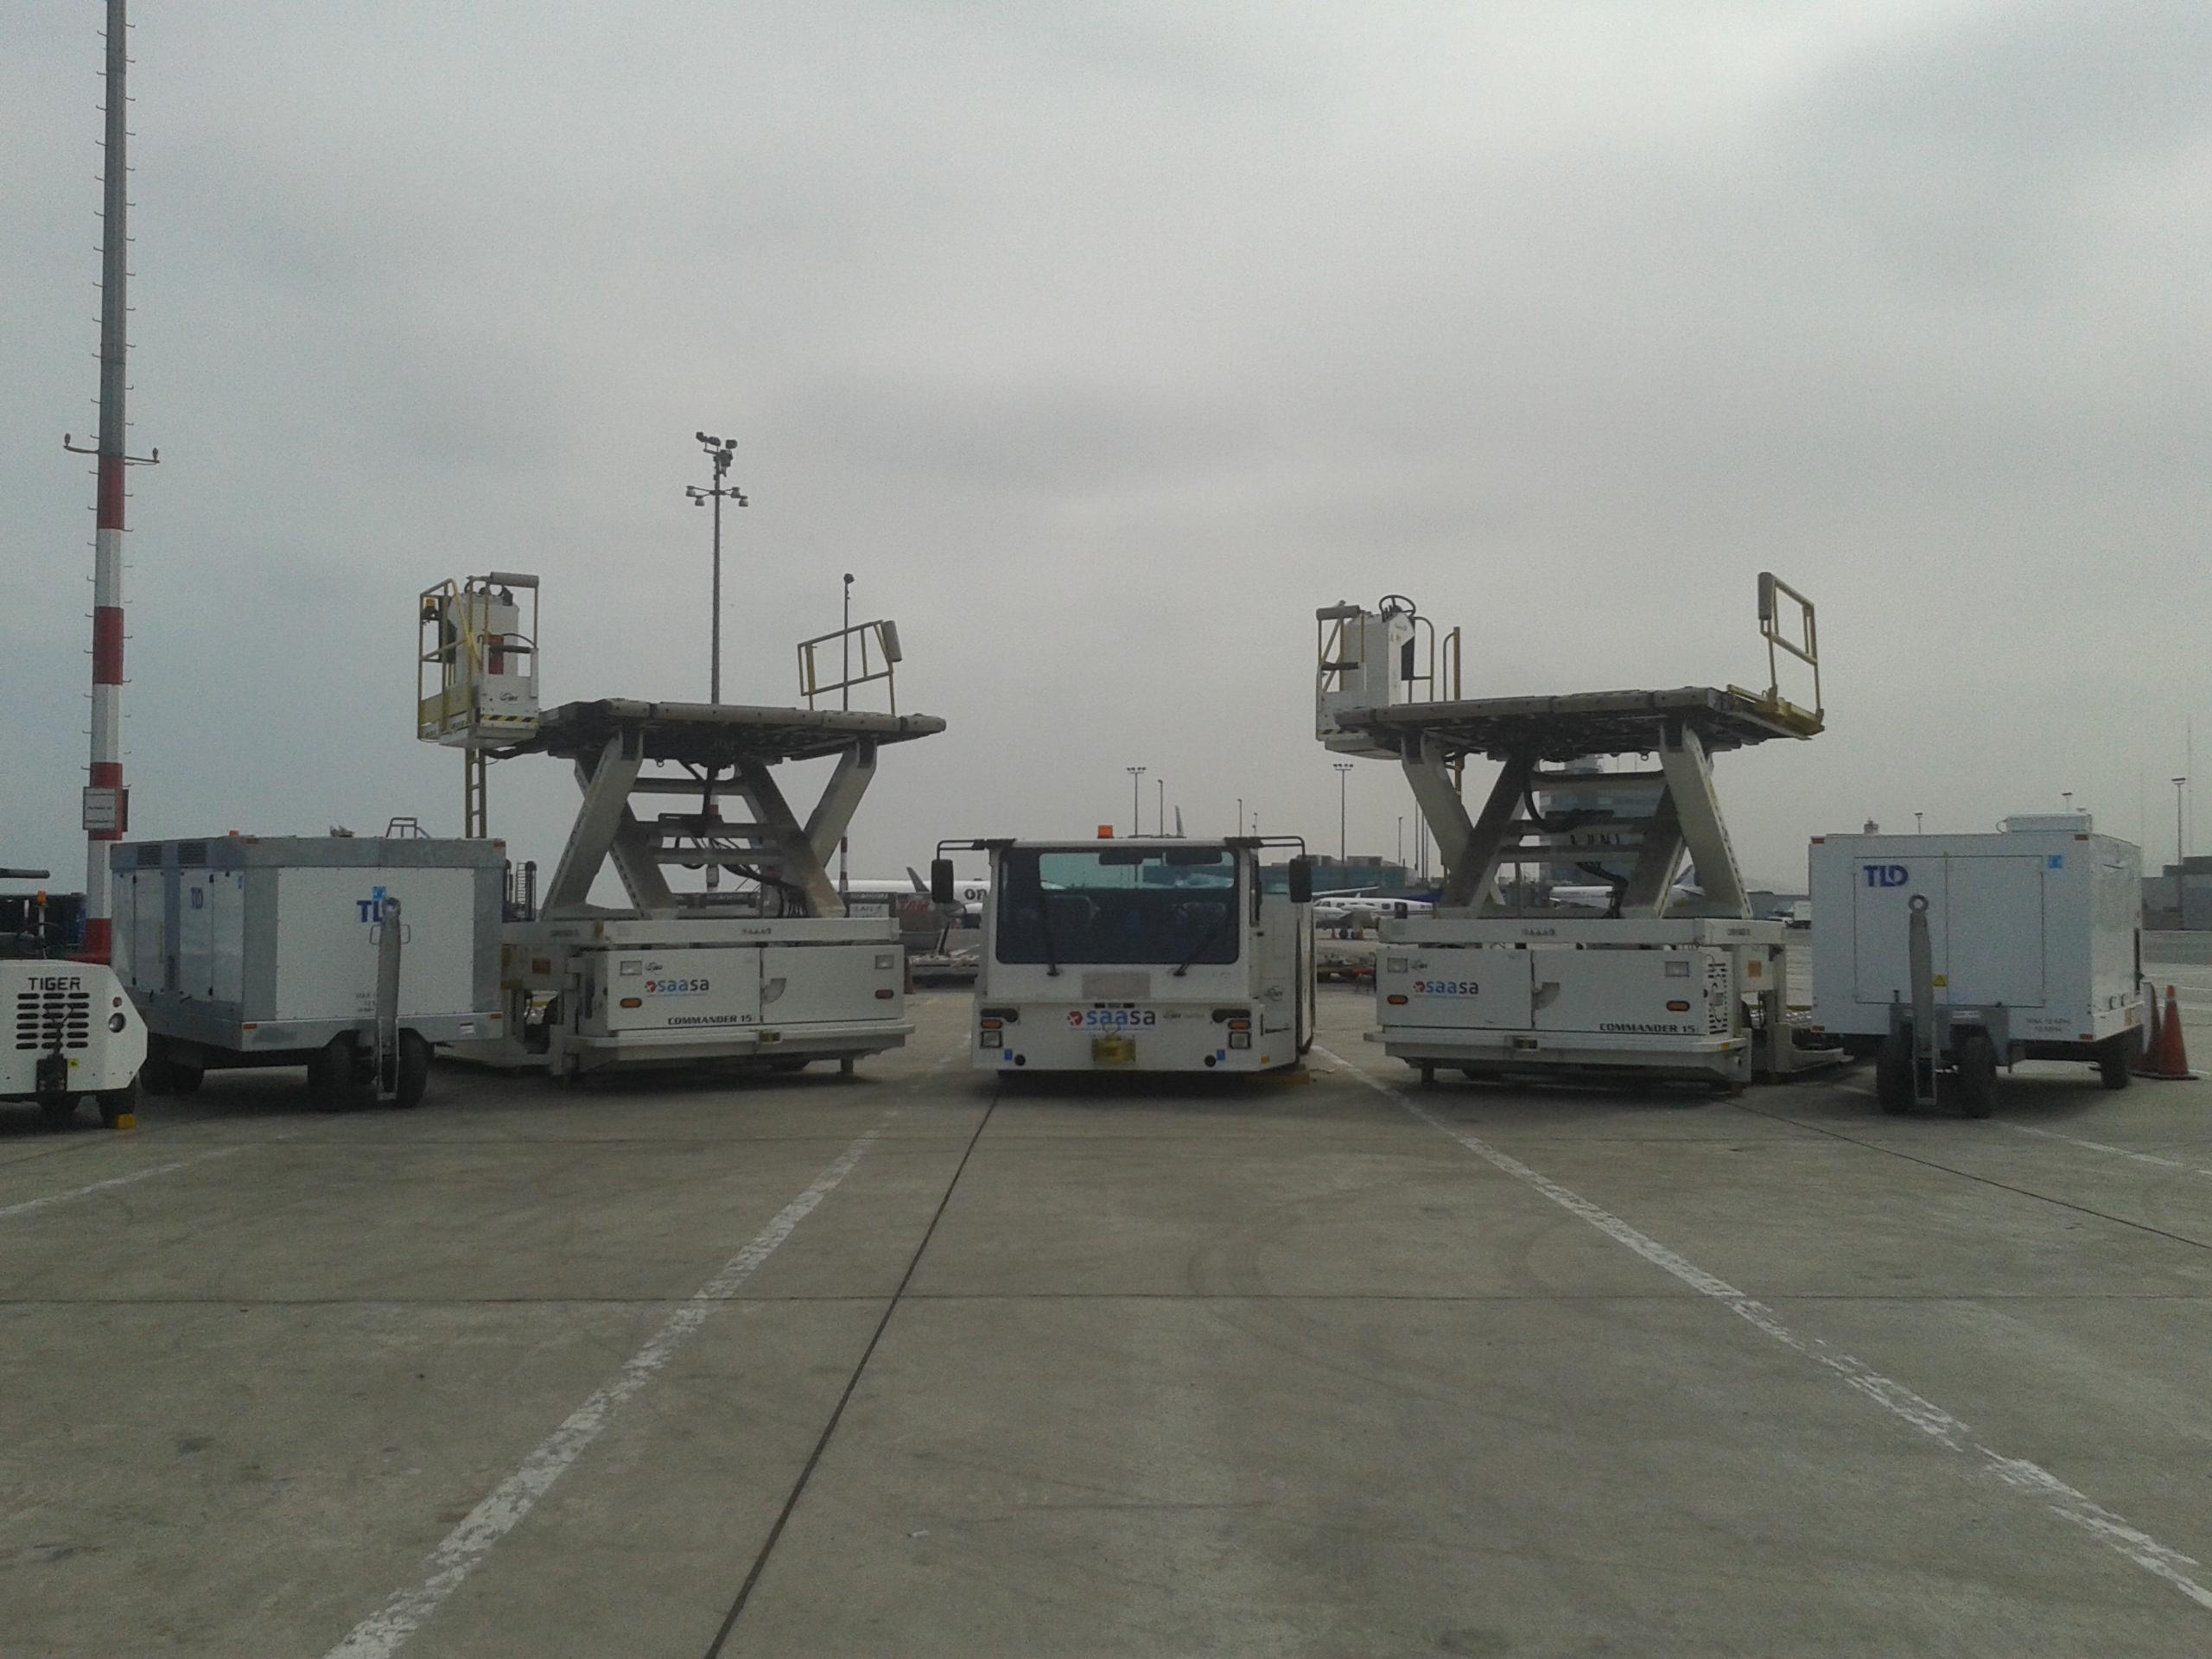 Crean comisión para estudiar mejoras en el servicio de rampa en aeropuertos argentinos